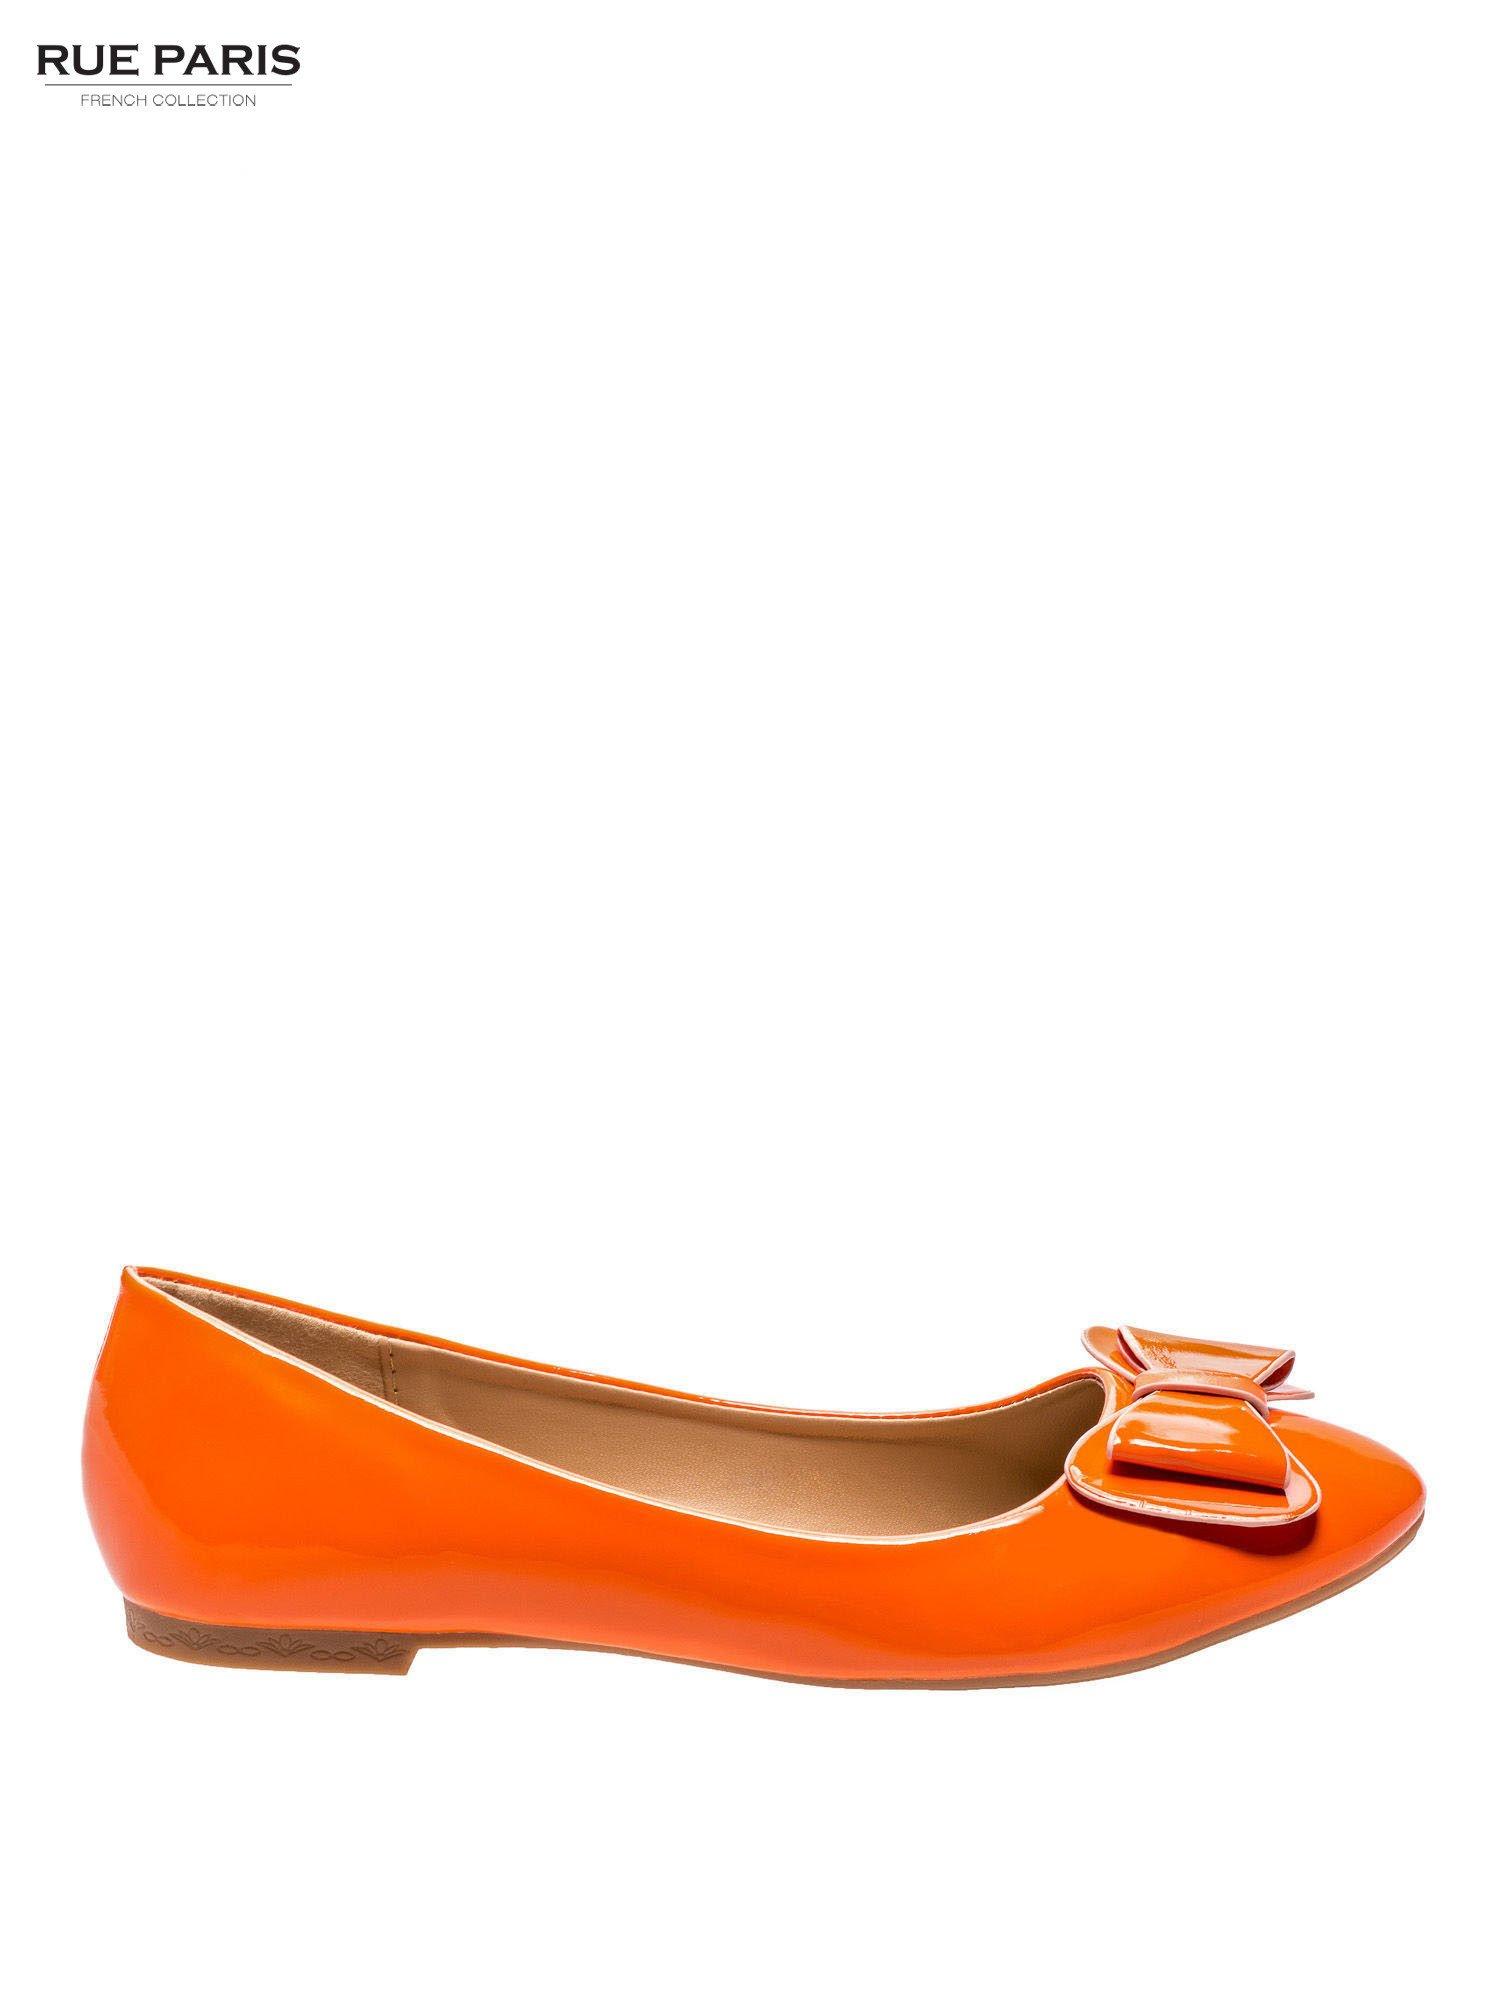 7e24fed6be559 Pomarańczowe baleriny lakierowane z kokardką - Buty Balerinki ...